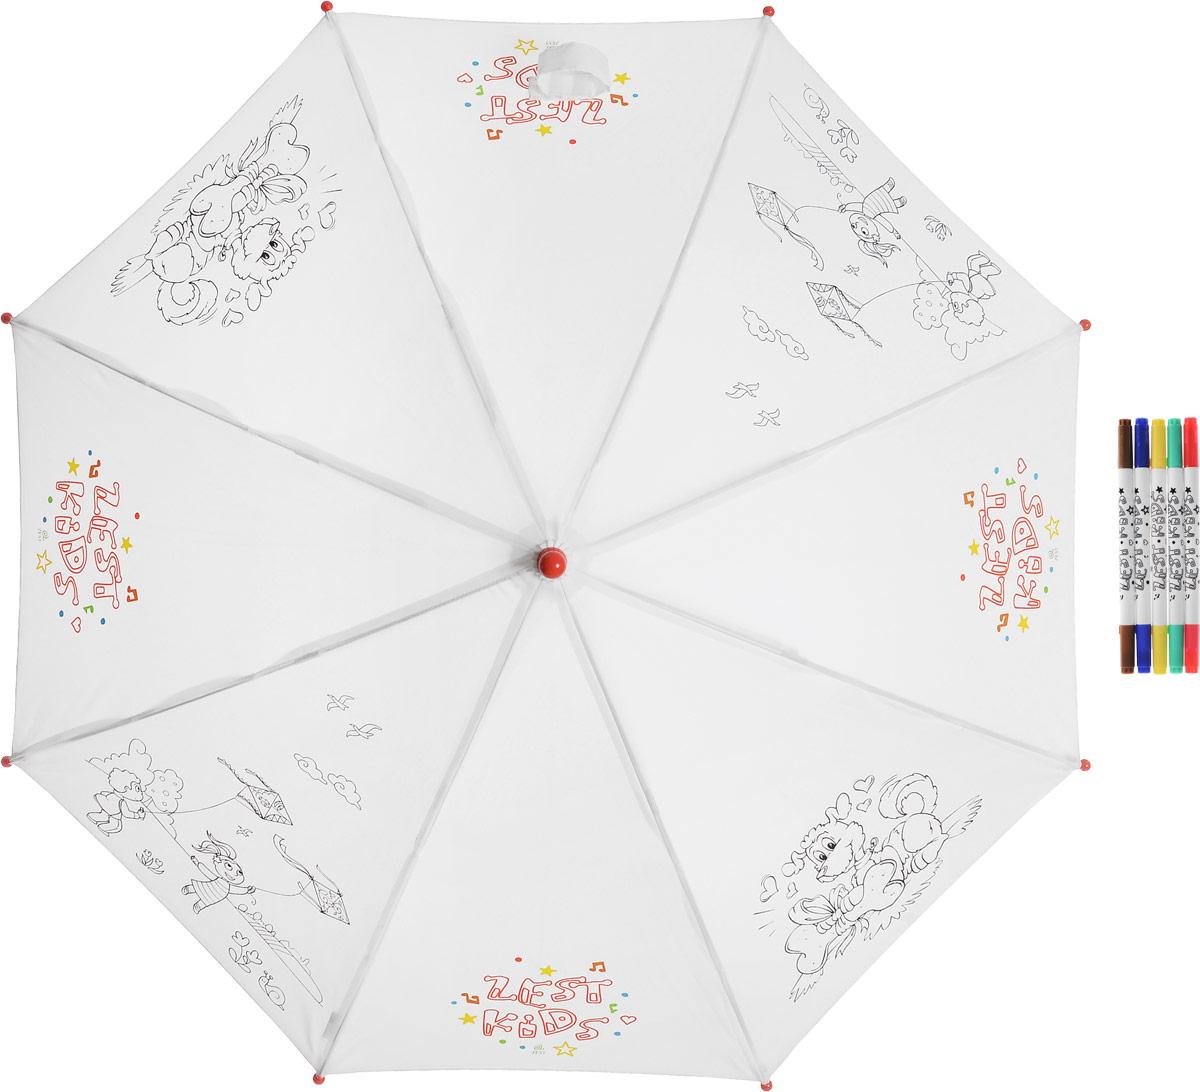 Зонт-трость детский Zest механический, цвет: белый, черный. 21581-25221581-252Детский зонт-трость для раскрашивания Zest выполнен из металла и пластика, оформлен силуэтами картинок. Картинки малыш сможет раскрасить самостоятельно фломастерами, входящими в комплект. Каркас зонта выполнен из восьми спиц, стержень из стали. На концах спиц предусмотрены пластиковые элементы, которые защитят малыша от травм. Купол зонта изготовлен прочного полиэстера. Закрытый купол застегивается на липучку хлястиком. Практичная глянцевая рукоятка закругленной формы разработана с учетом требований эргономики и выполнена из пластика. Зонт-раскраска будет приятным подарком, который не только защитит малыша от непогоды, но и даст возможность стать настоящим маленьким художником.